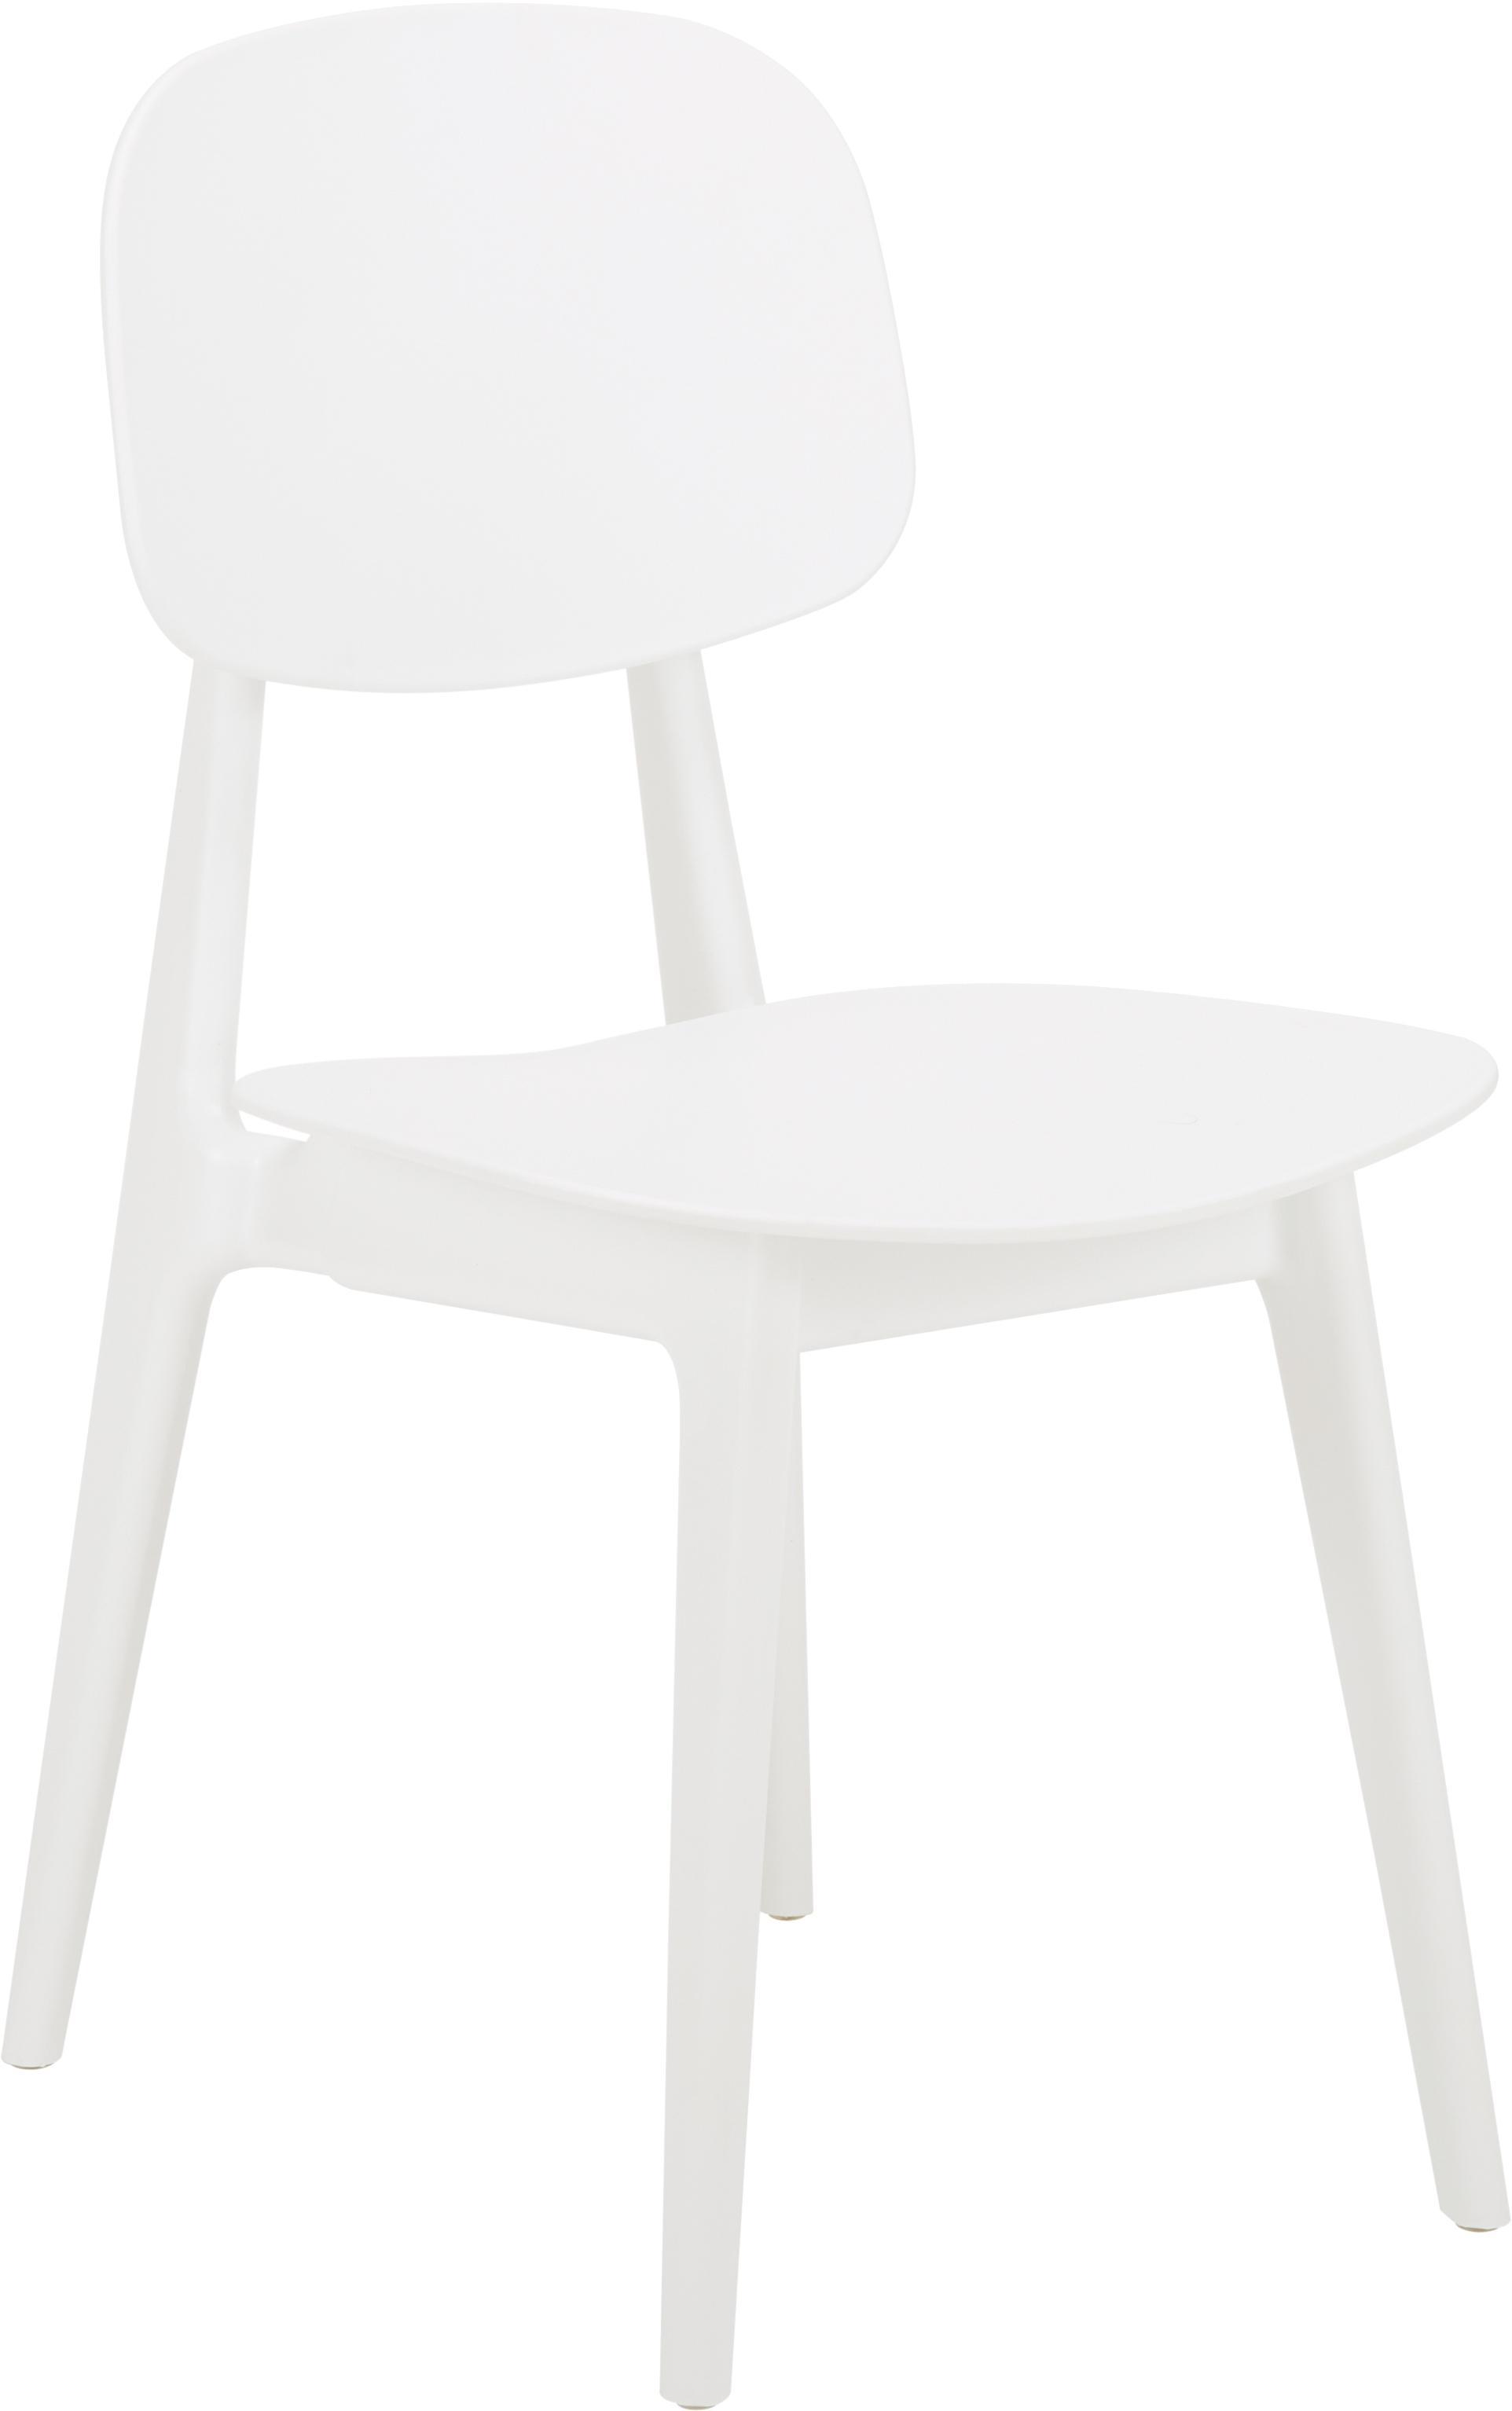 Sillas de plástico Smilla, 2uds., Asiento: plástico, Patas: plástico, Blanco mate, An 43 x F 49 cm